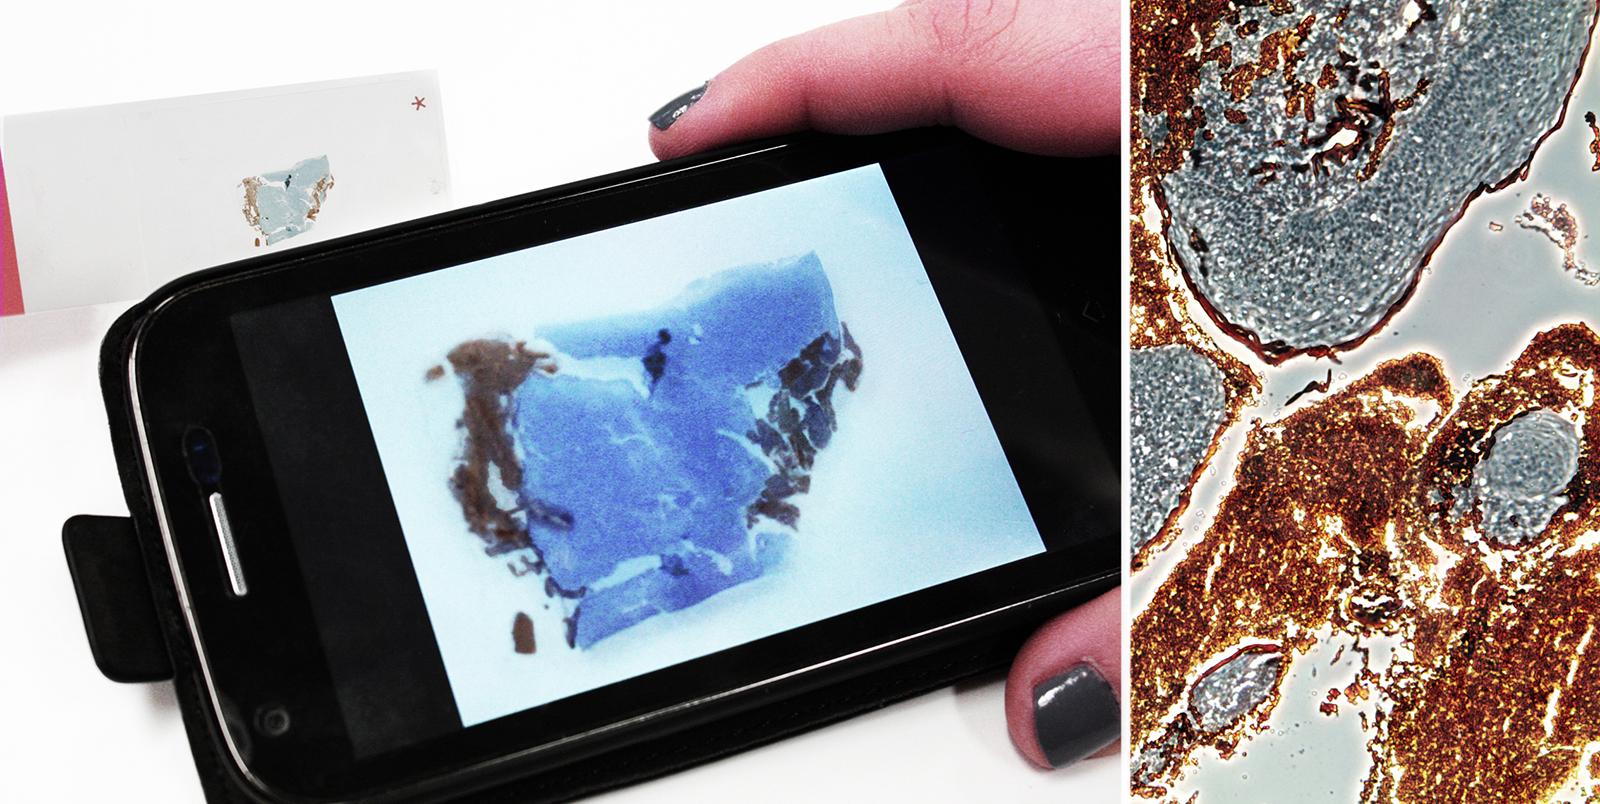 Камеры мобильного телефона достаточно, чтобы исследовать образцы ткани на присутствие опухолевых клеток (фото любезно предоставлено Институтом прикладных исследований полимеров имени Фраунхофера).